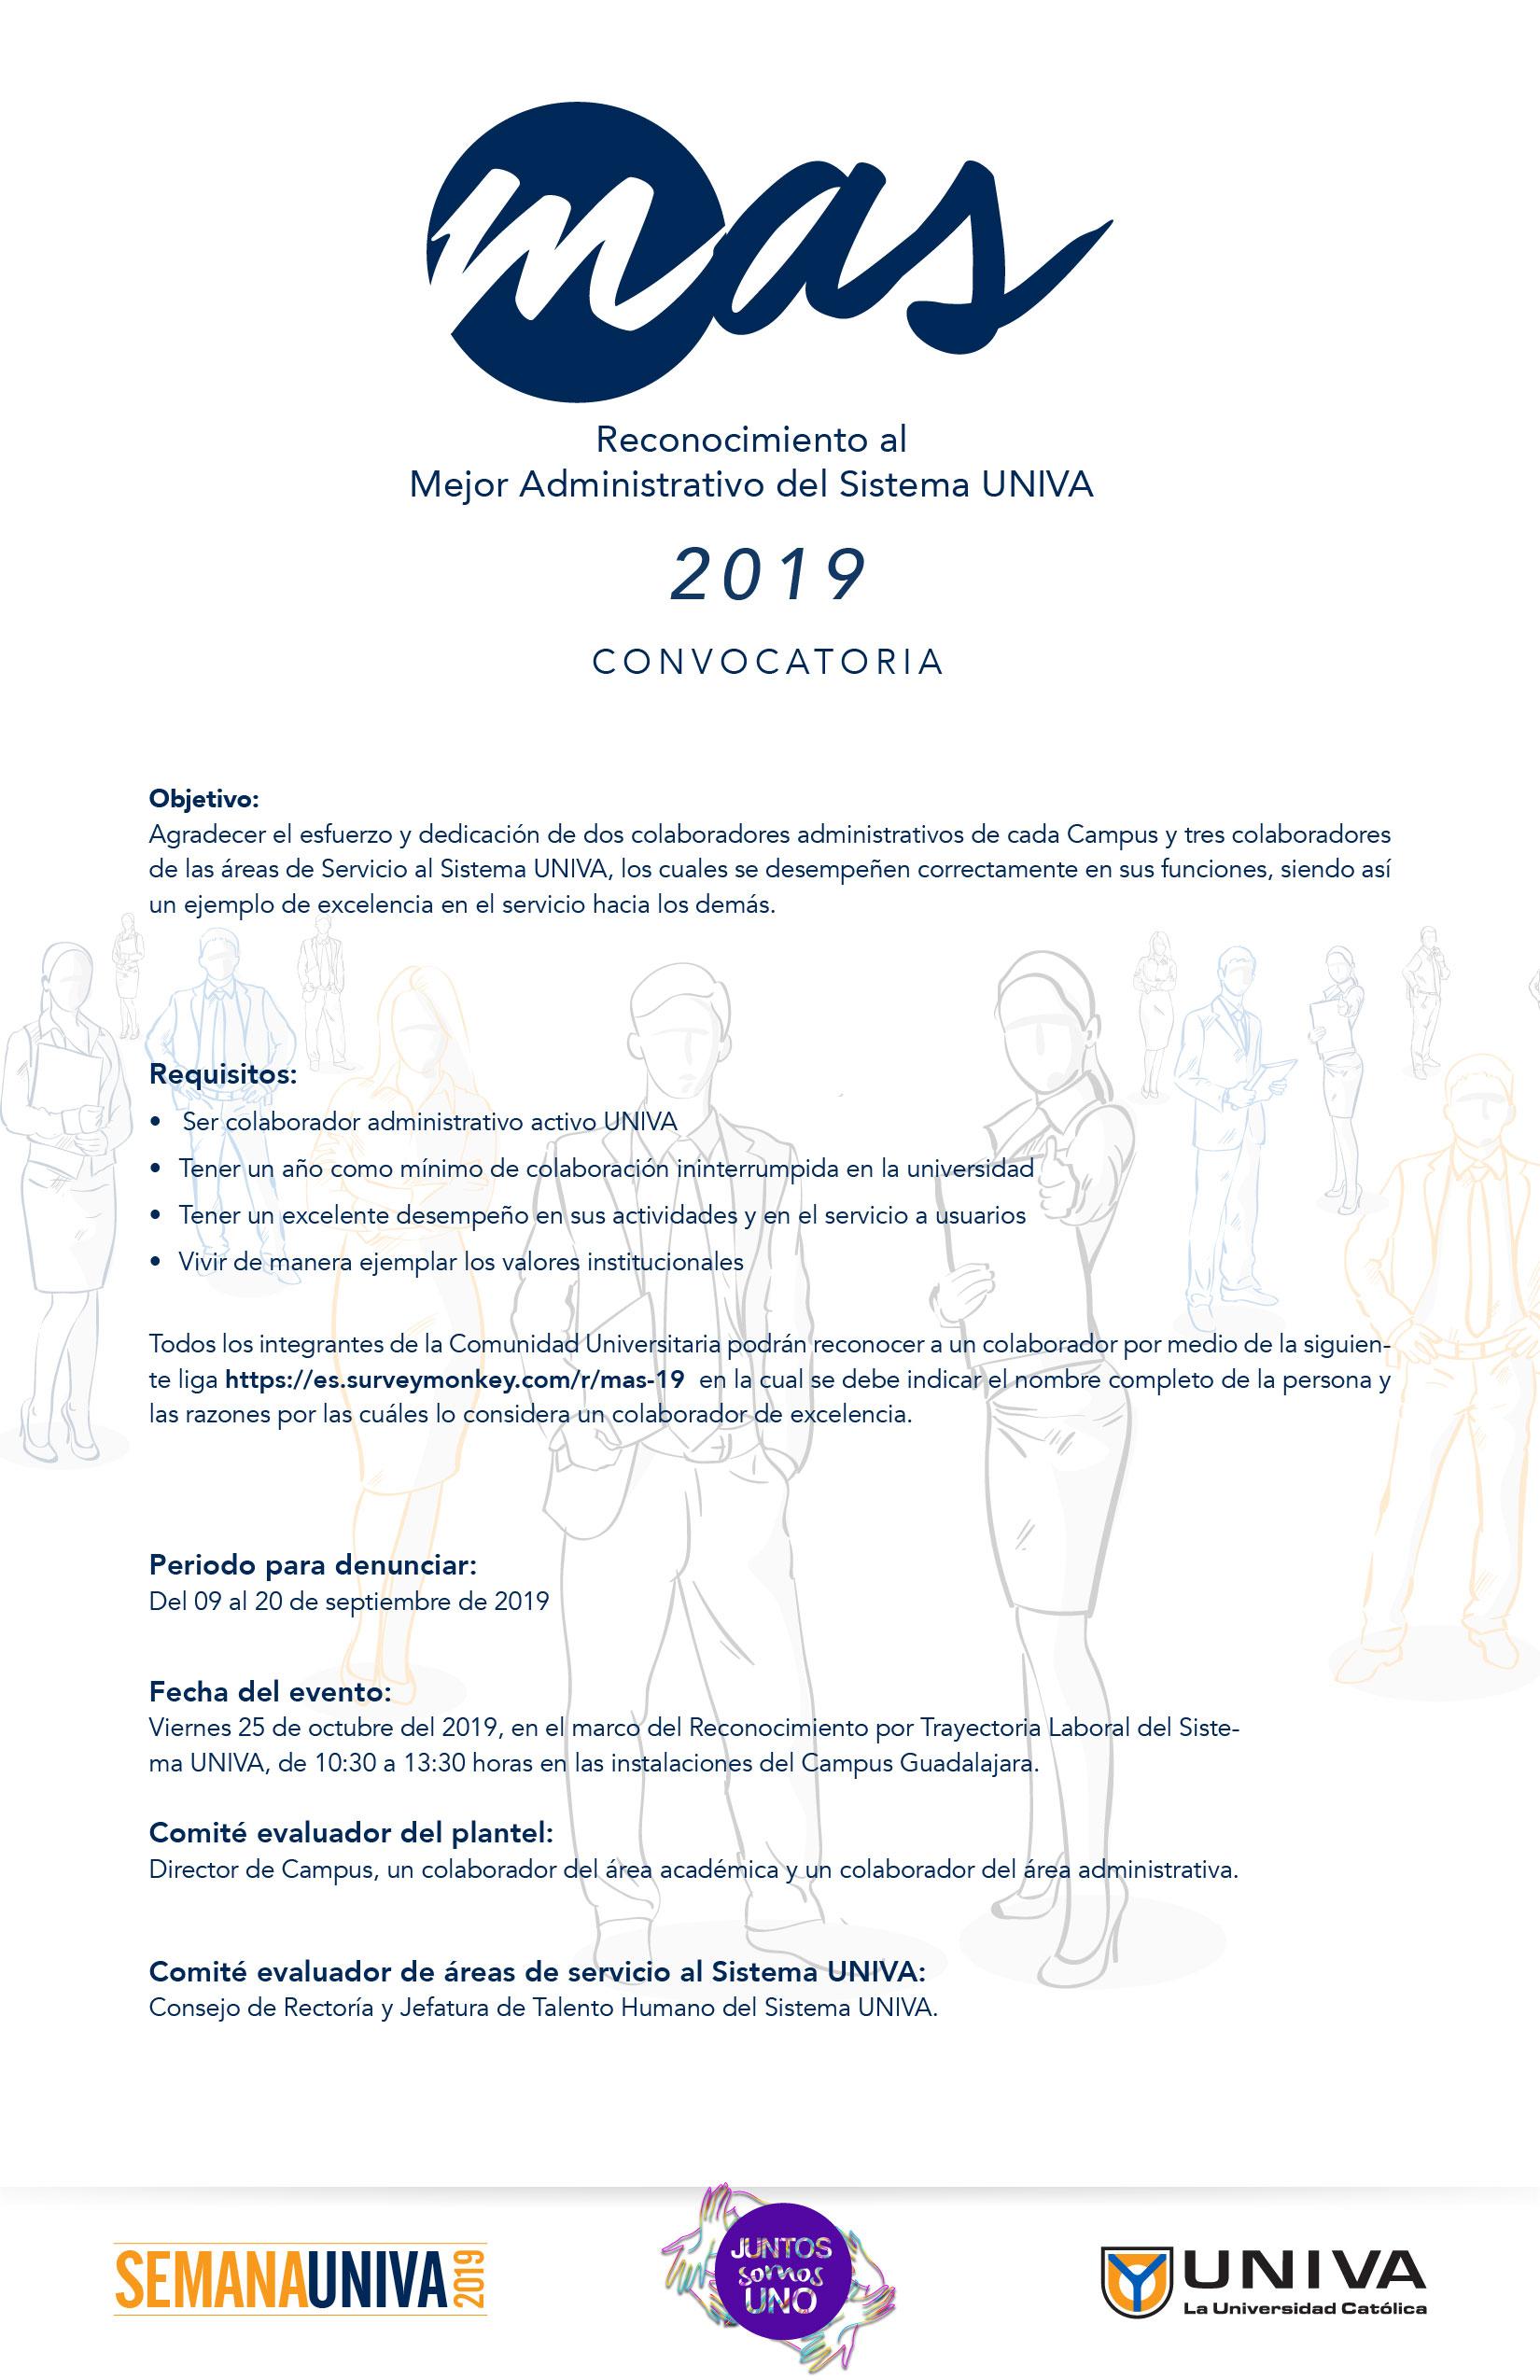 Reconocimiento al Mejor Administrativo del Sistema UNIVA 2019